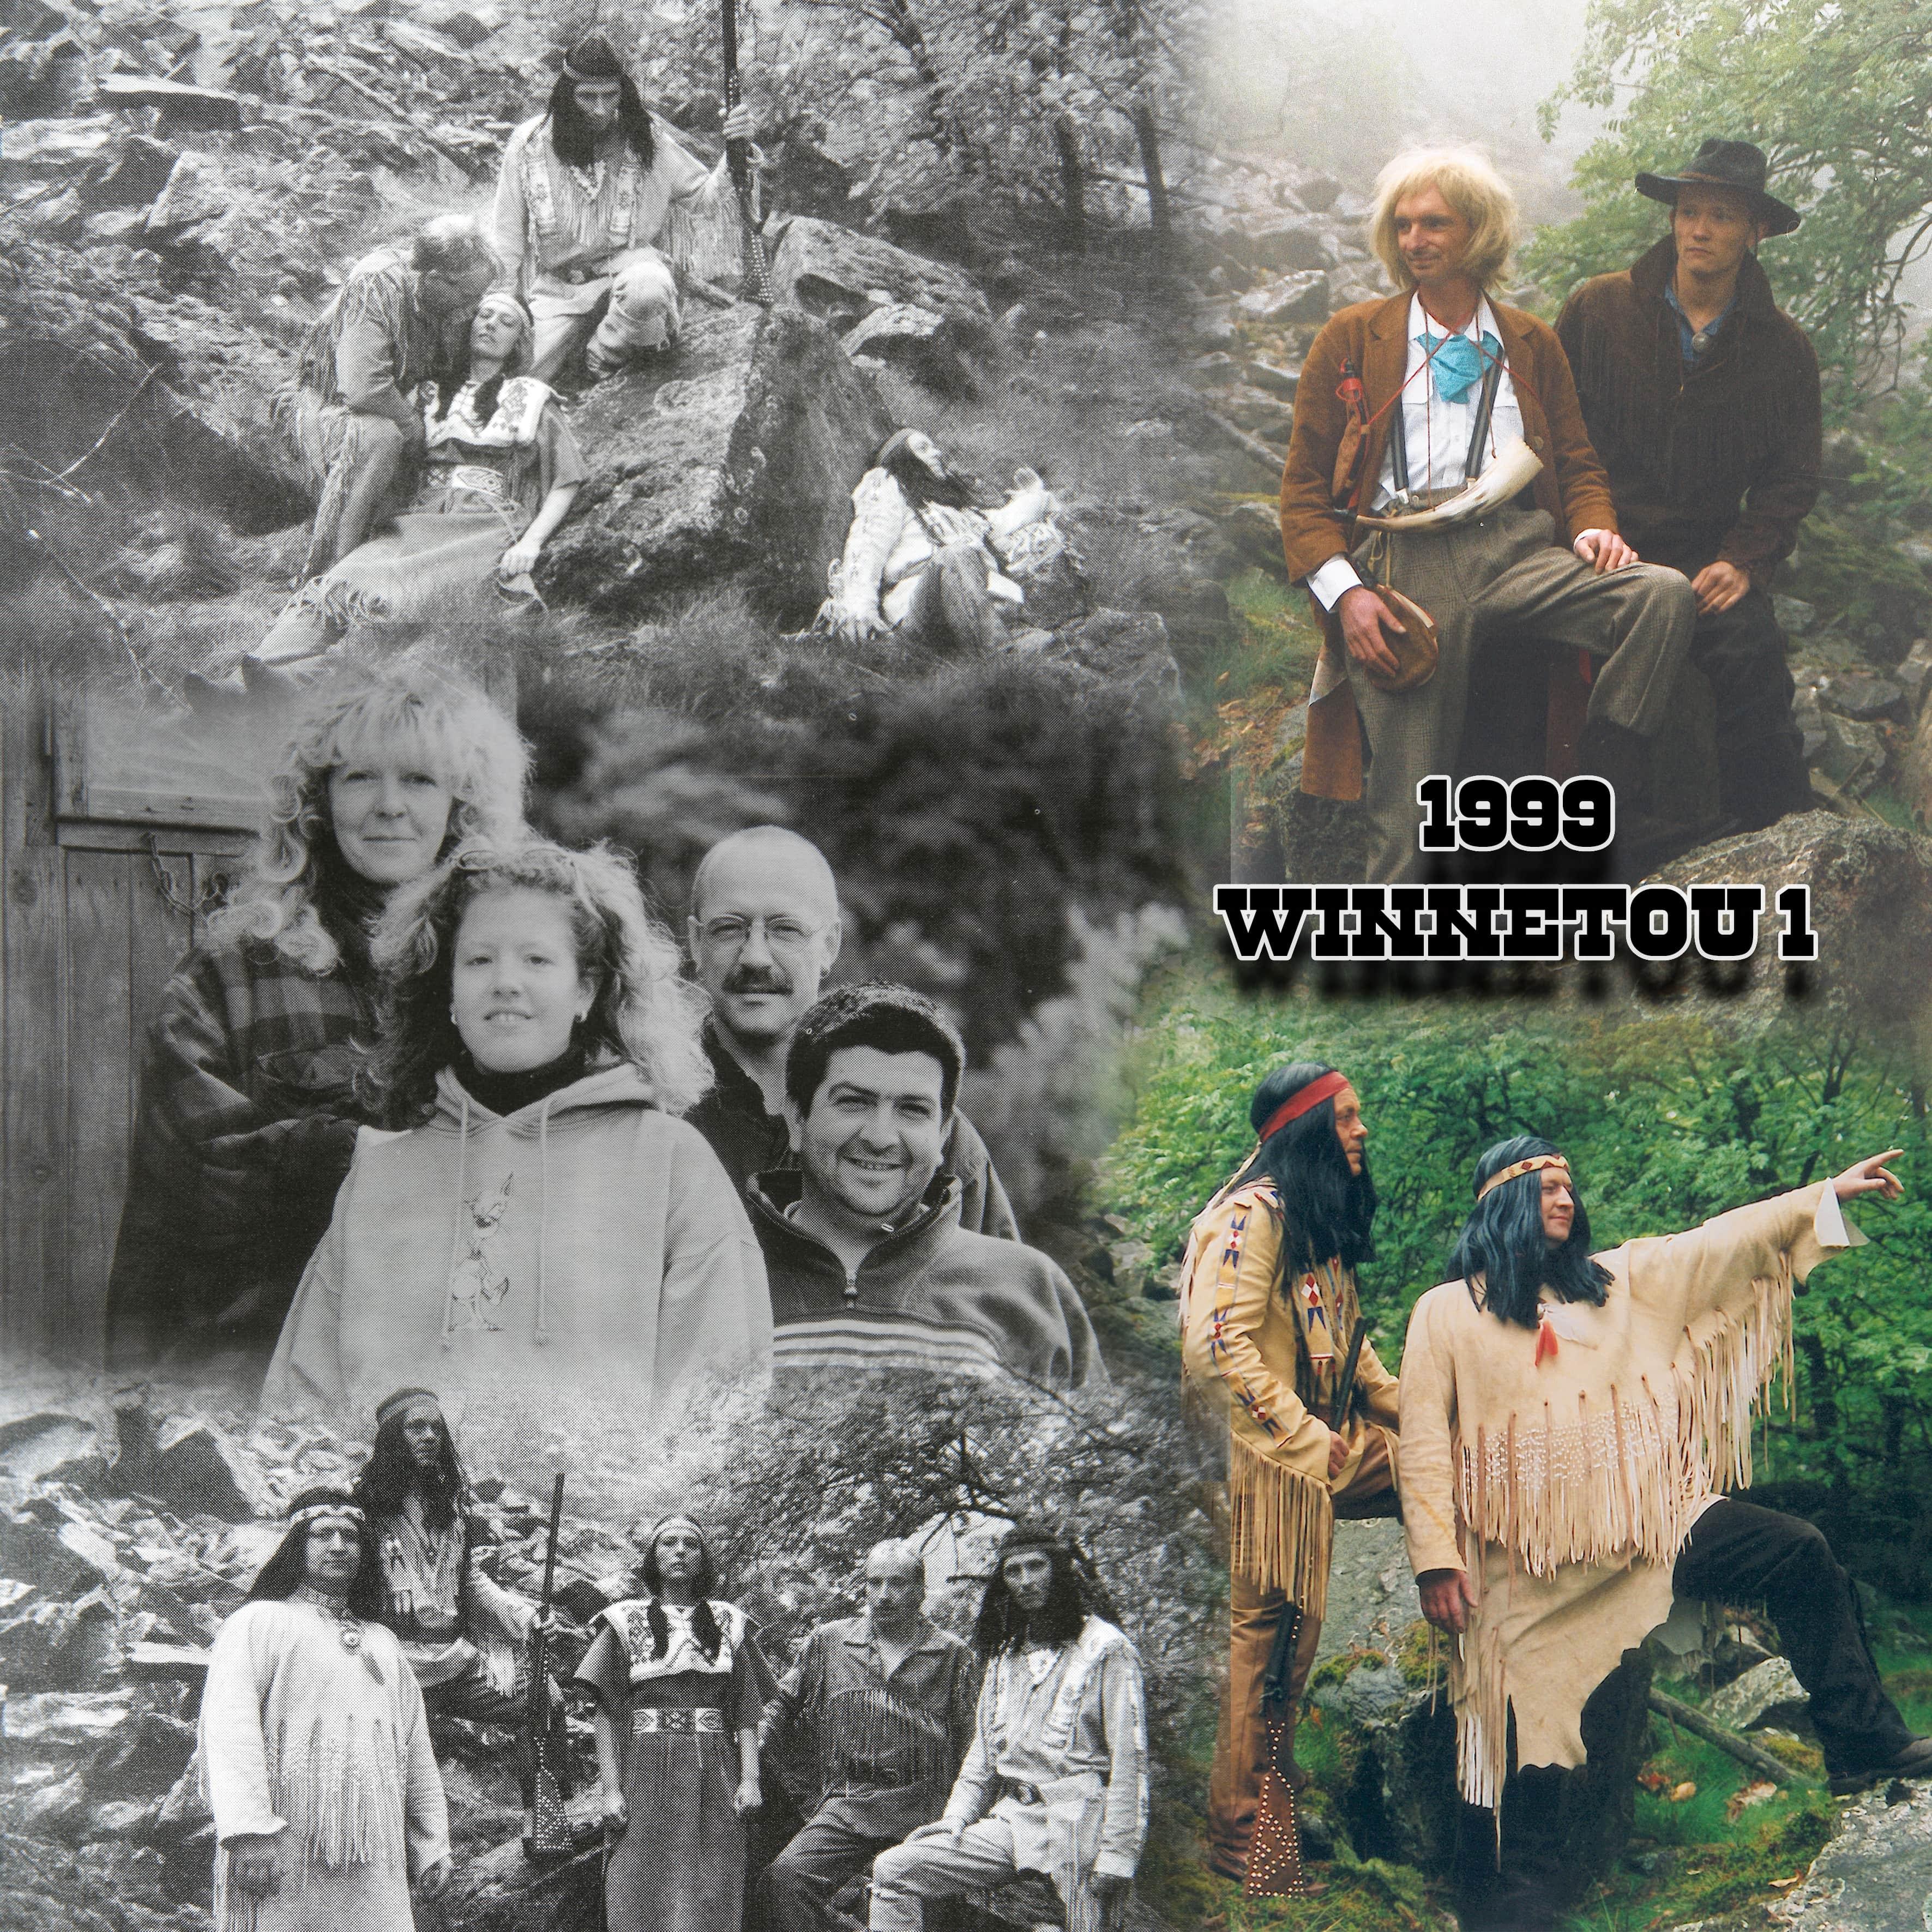 1999 - Winnetou 1